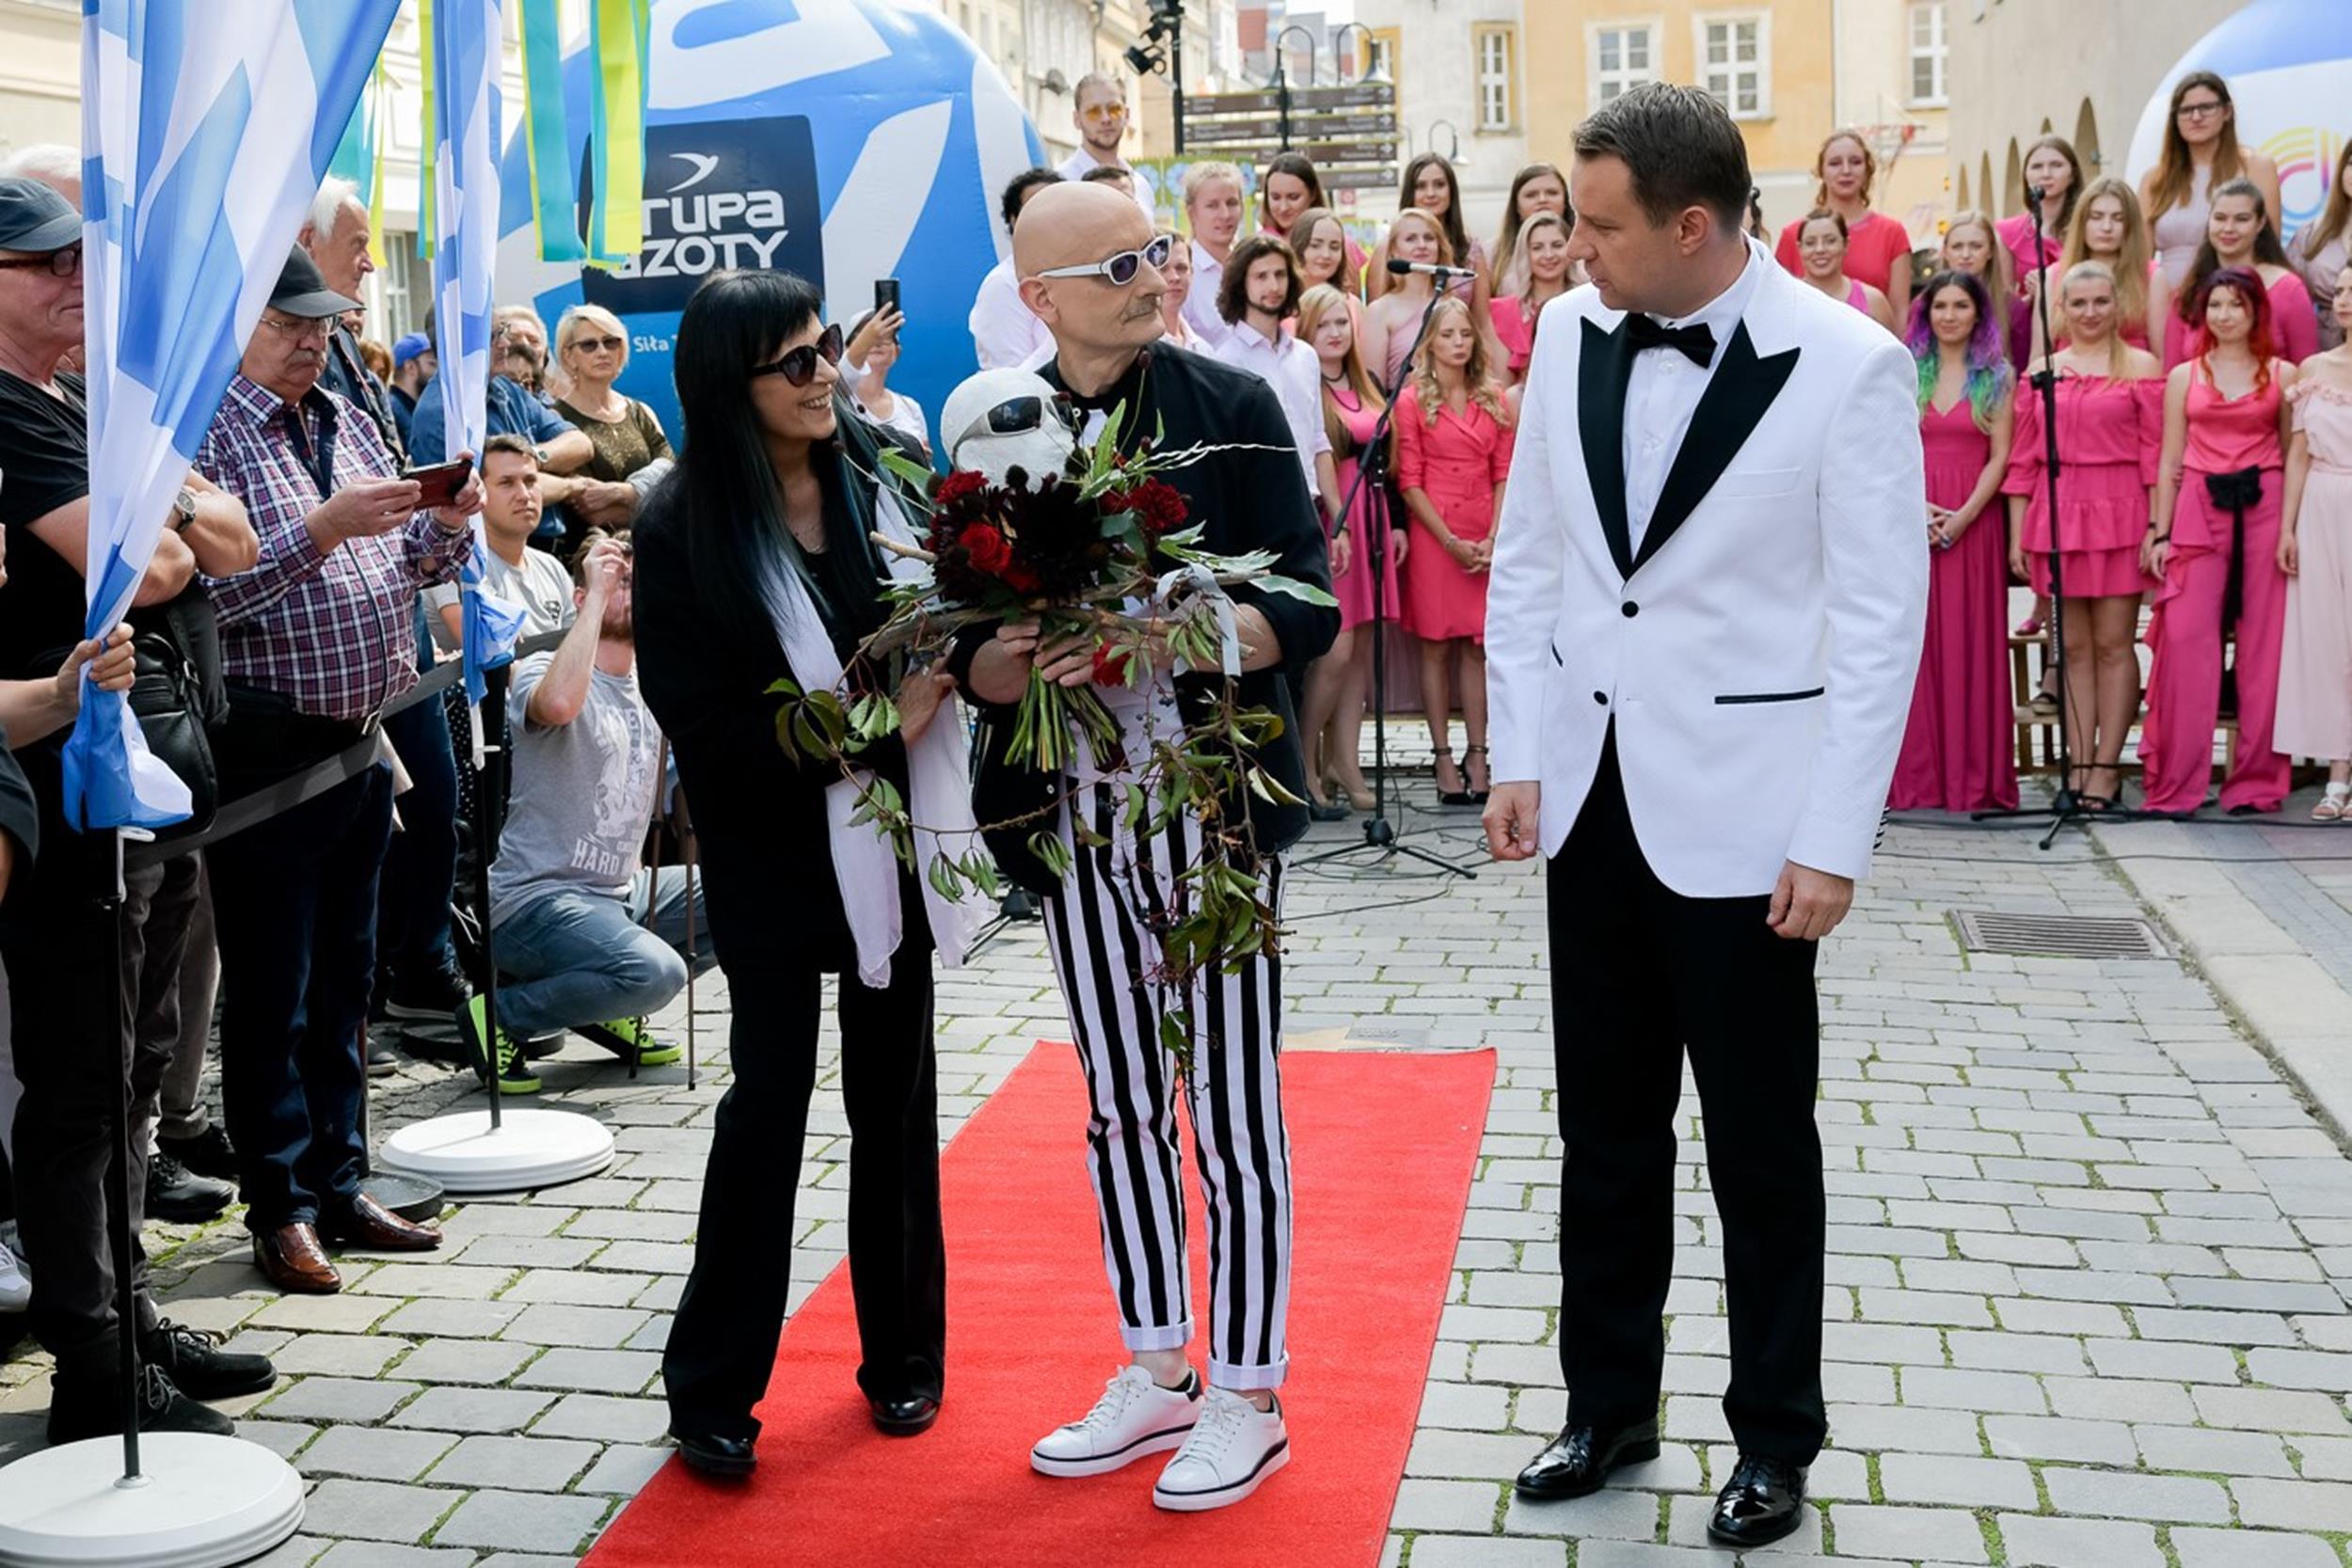 (od lewej) Wanda Kwietniewska, Sławomir Łosowski, Arkadiusz Wiśniewski Prezydent Miasta Opole fot. Sławoj Dubiel